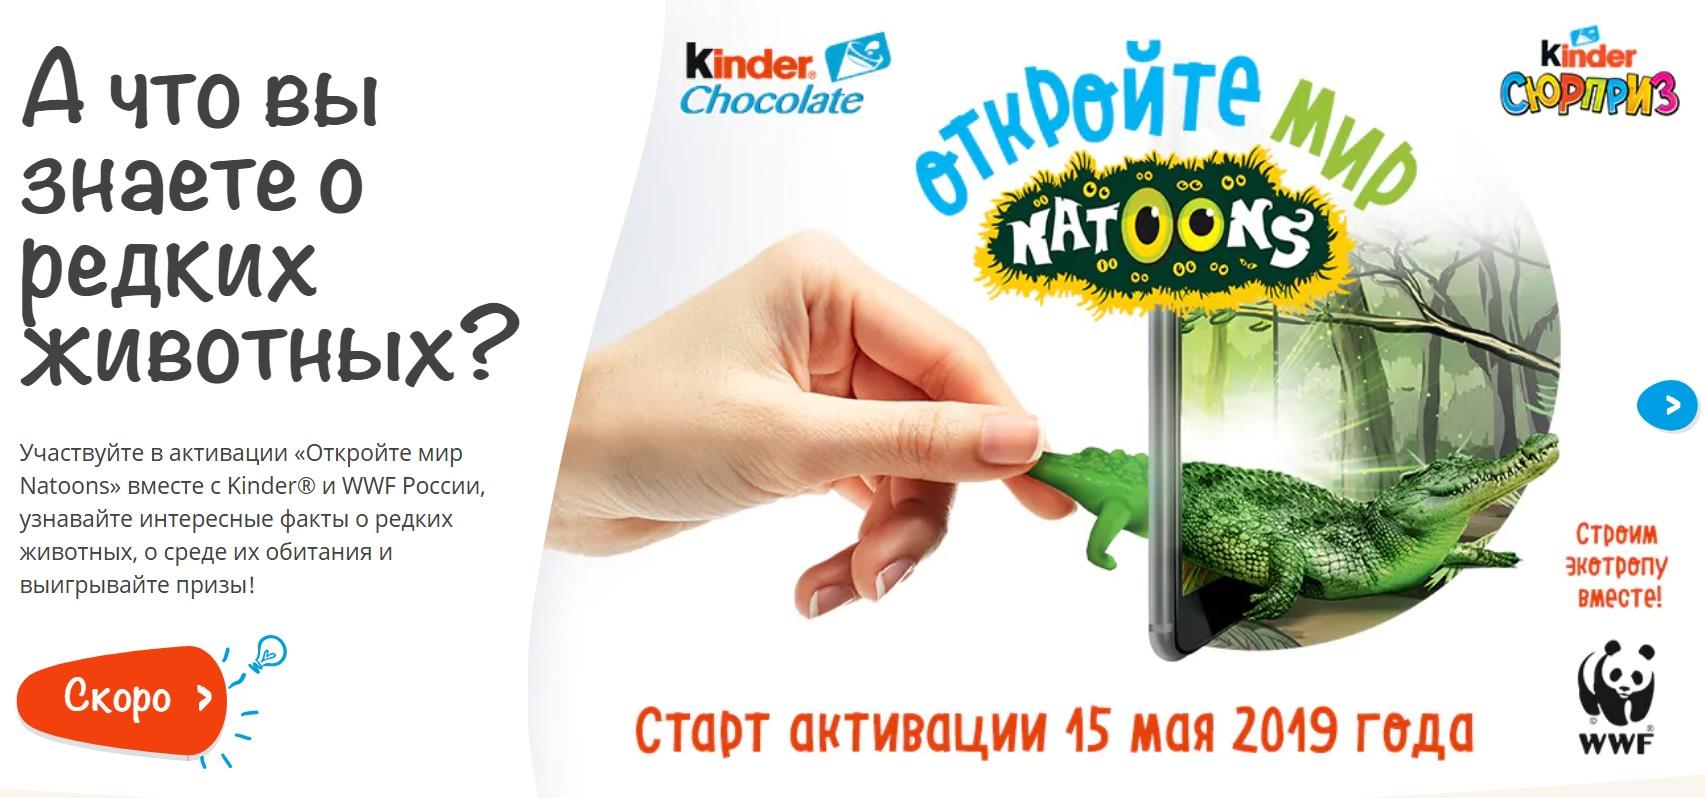 kinder.com регистрация чека в 2019 году